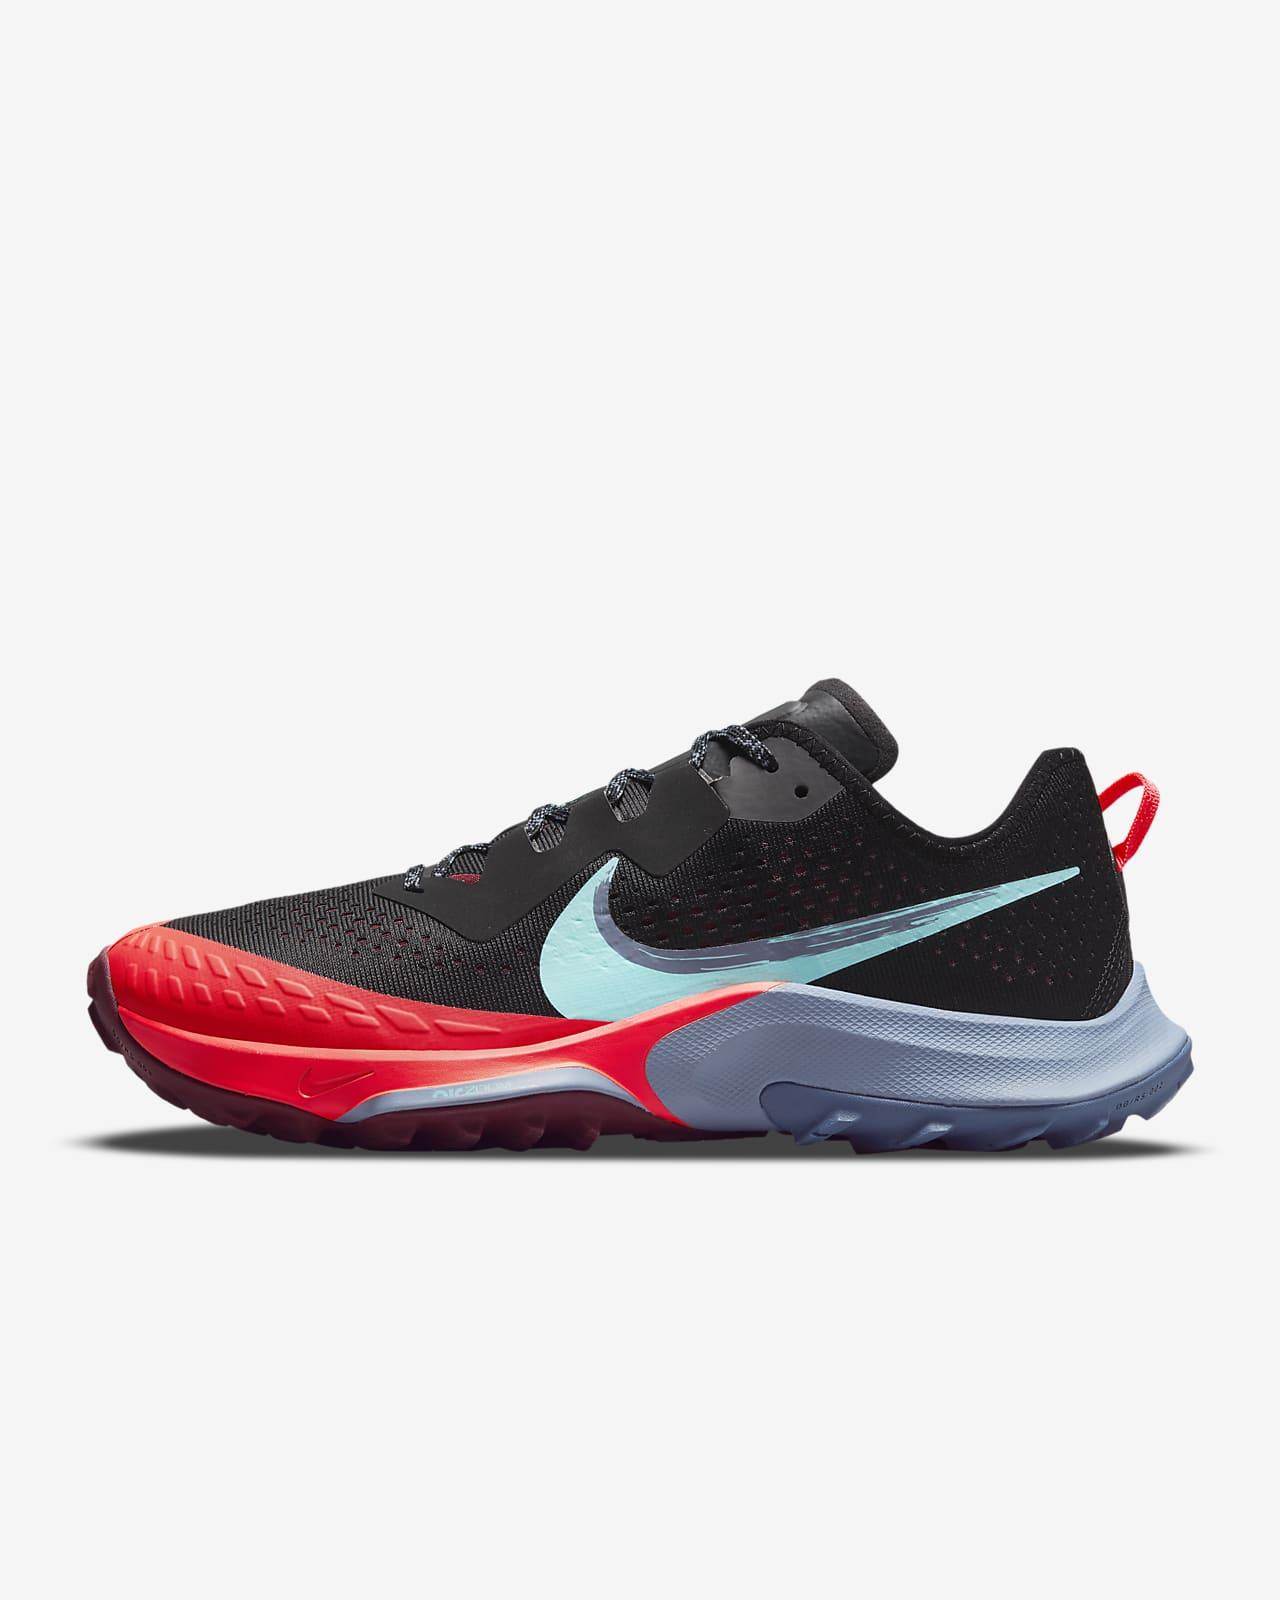 Nike Air Zoom Terra Kiger 7-trailløbesko til mænd